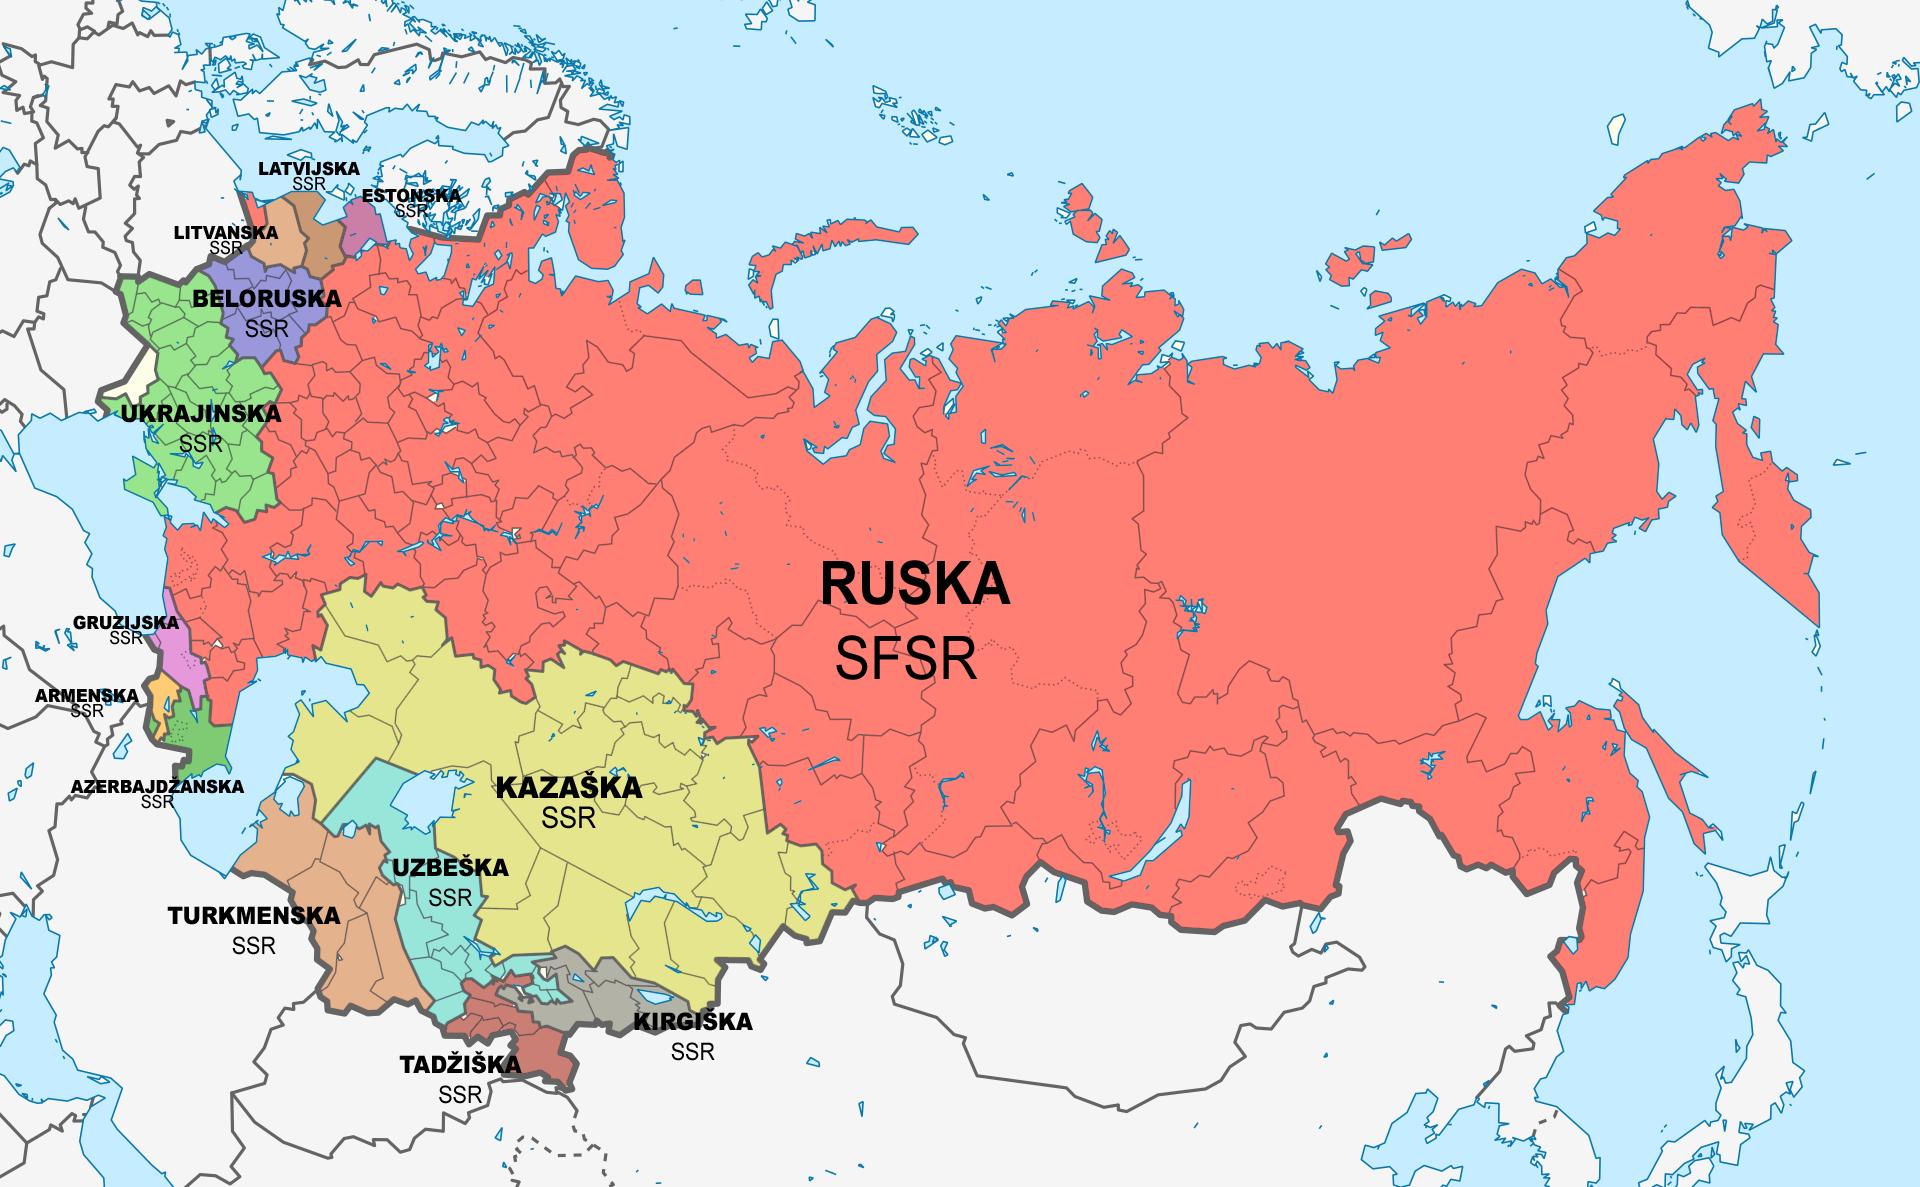 Zemljevid sovjetskih socialističnih republik (1956-1991)